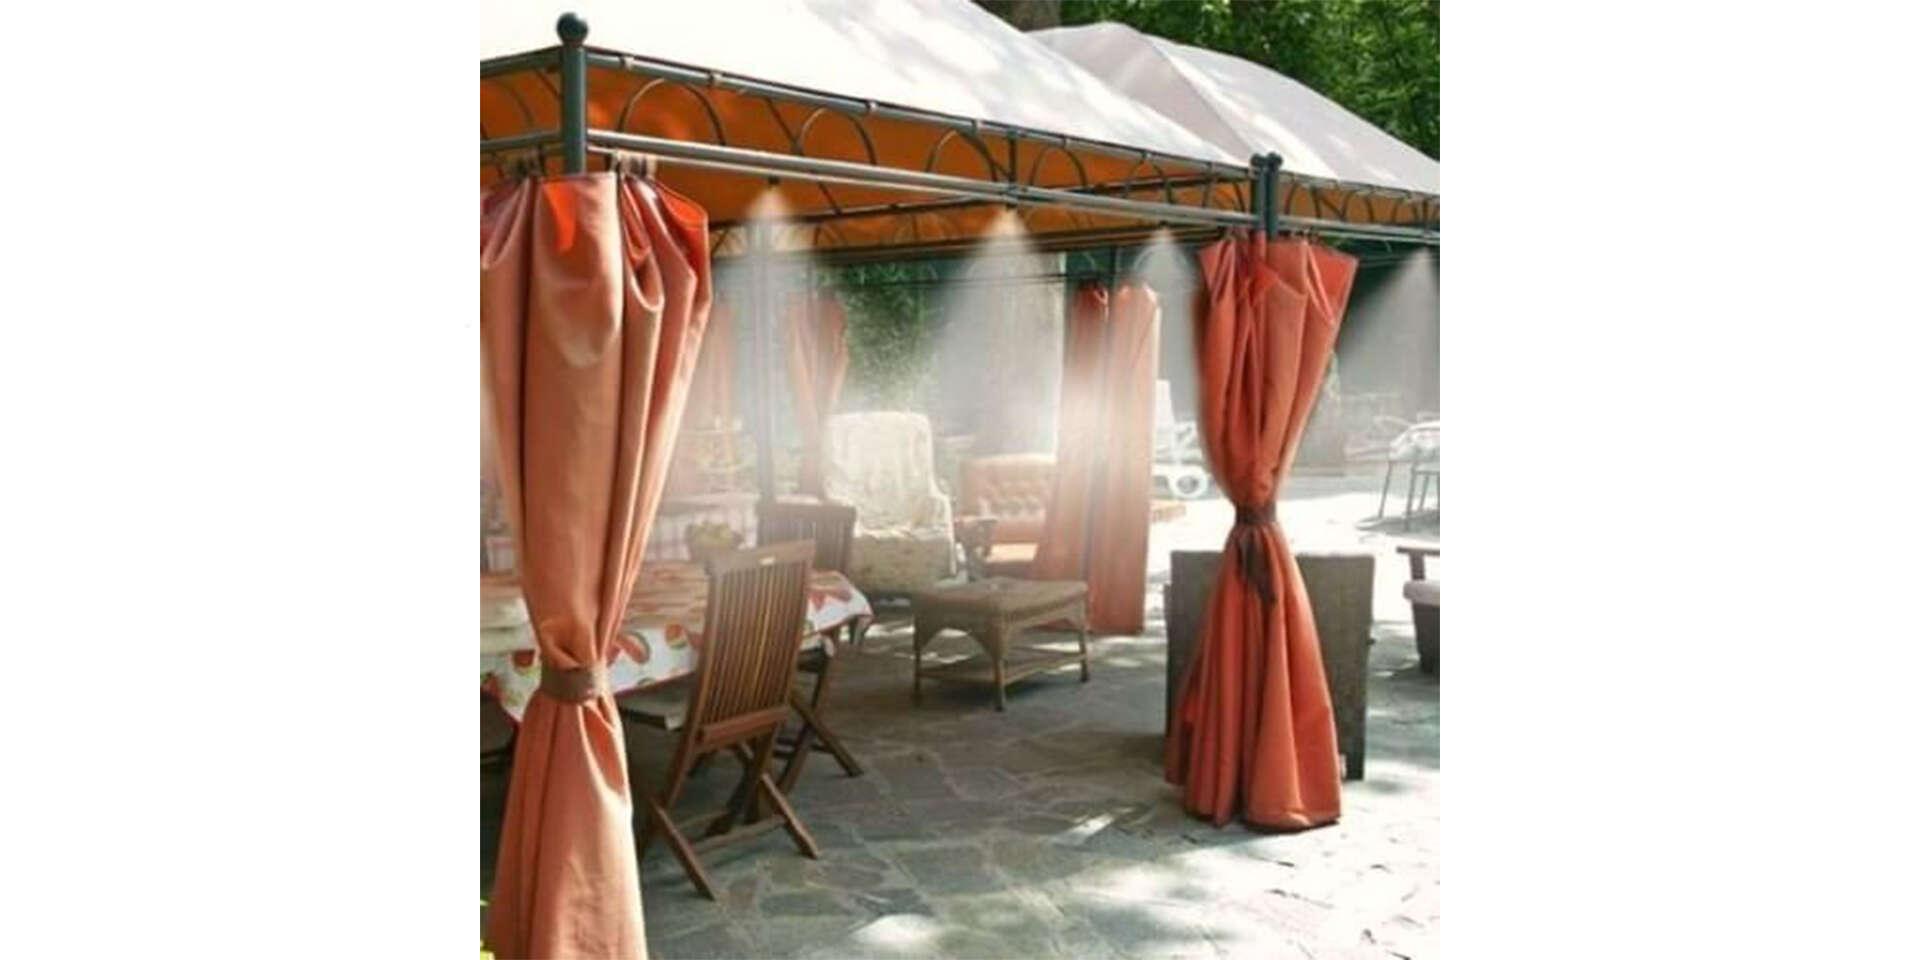 Chladiaci systém do záhrady s 10 tryskami na vodnú hmlu - na výbe...